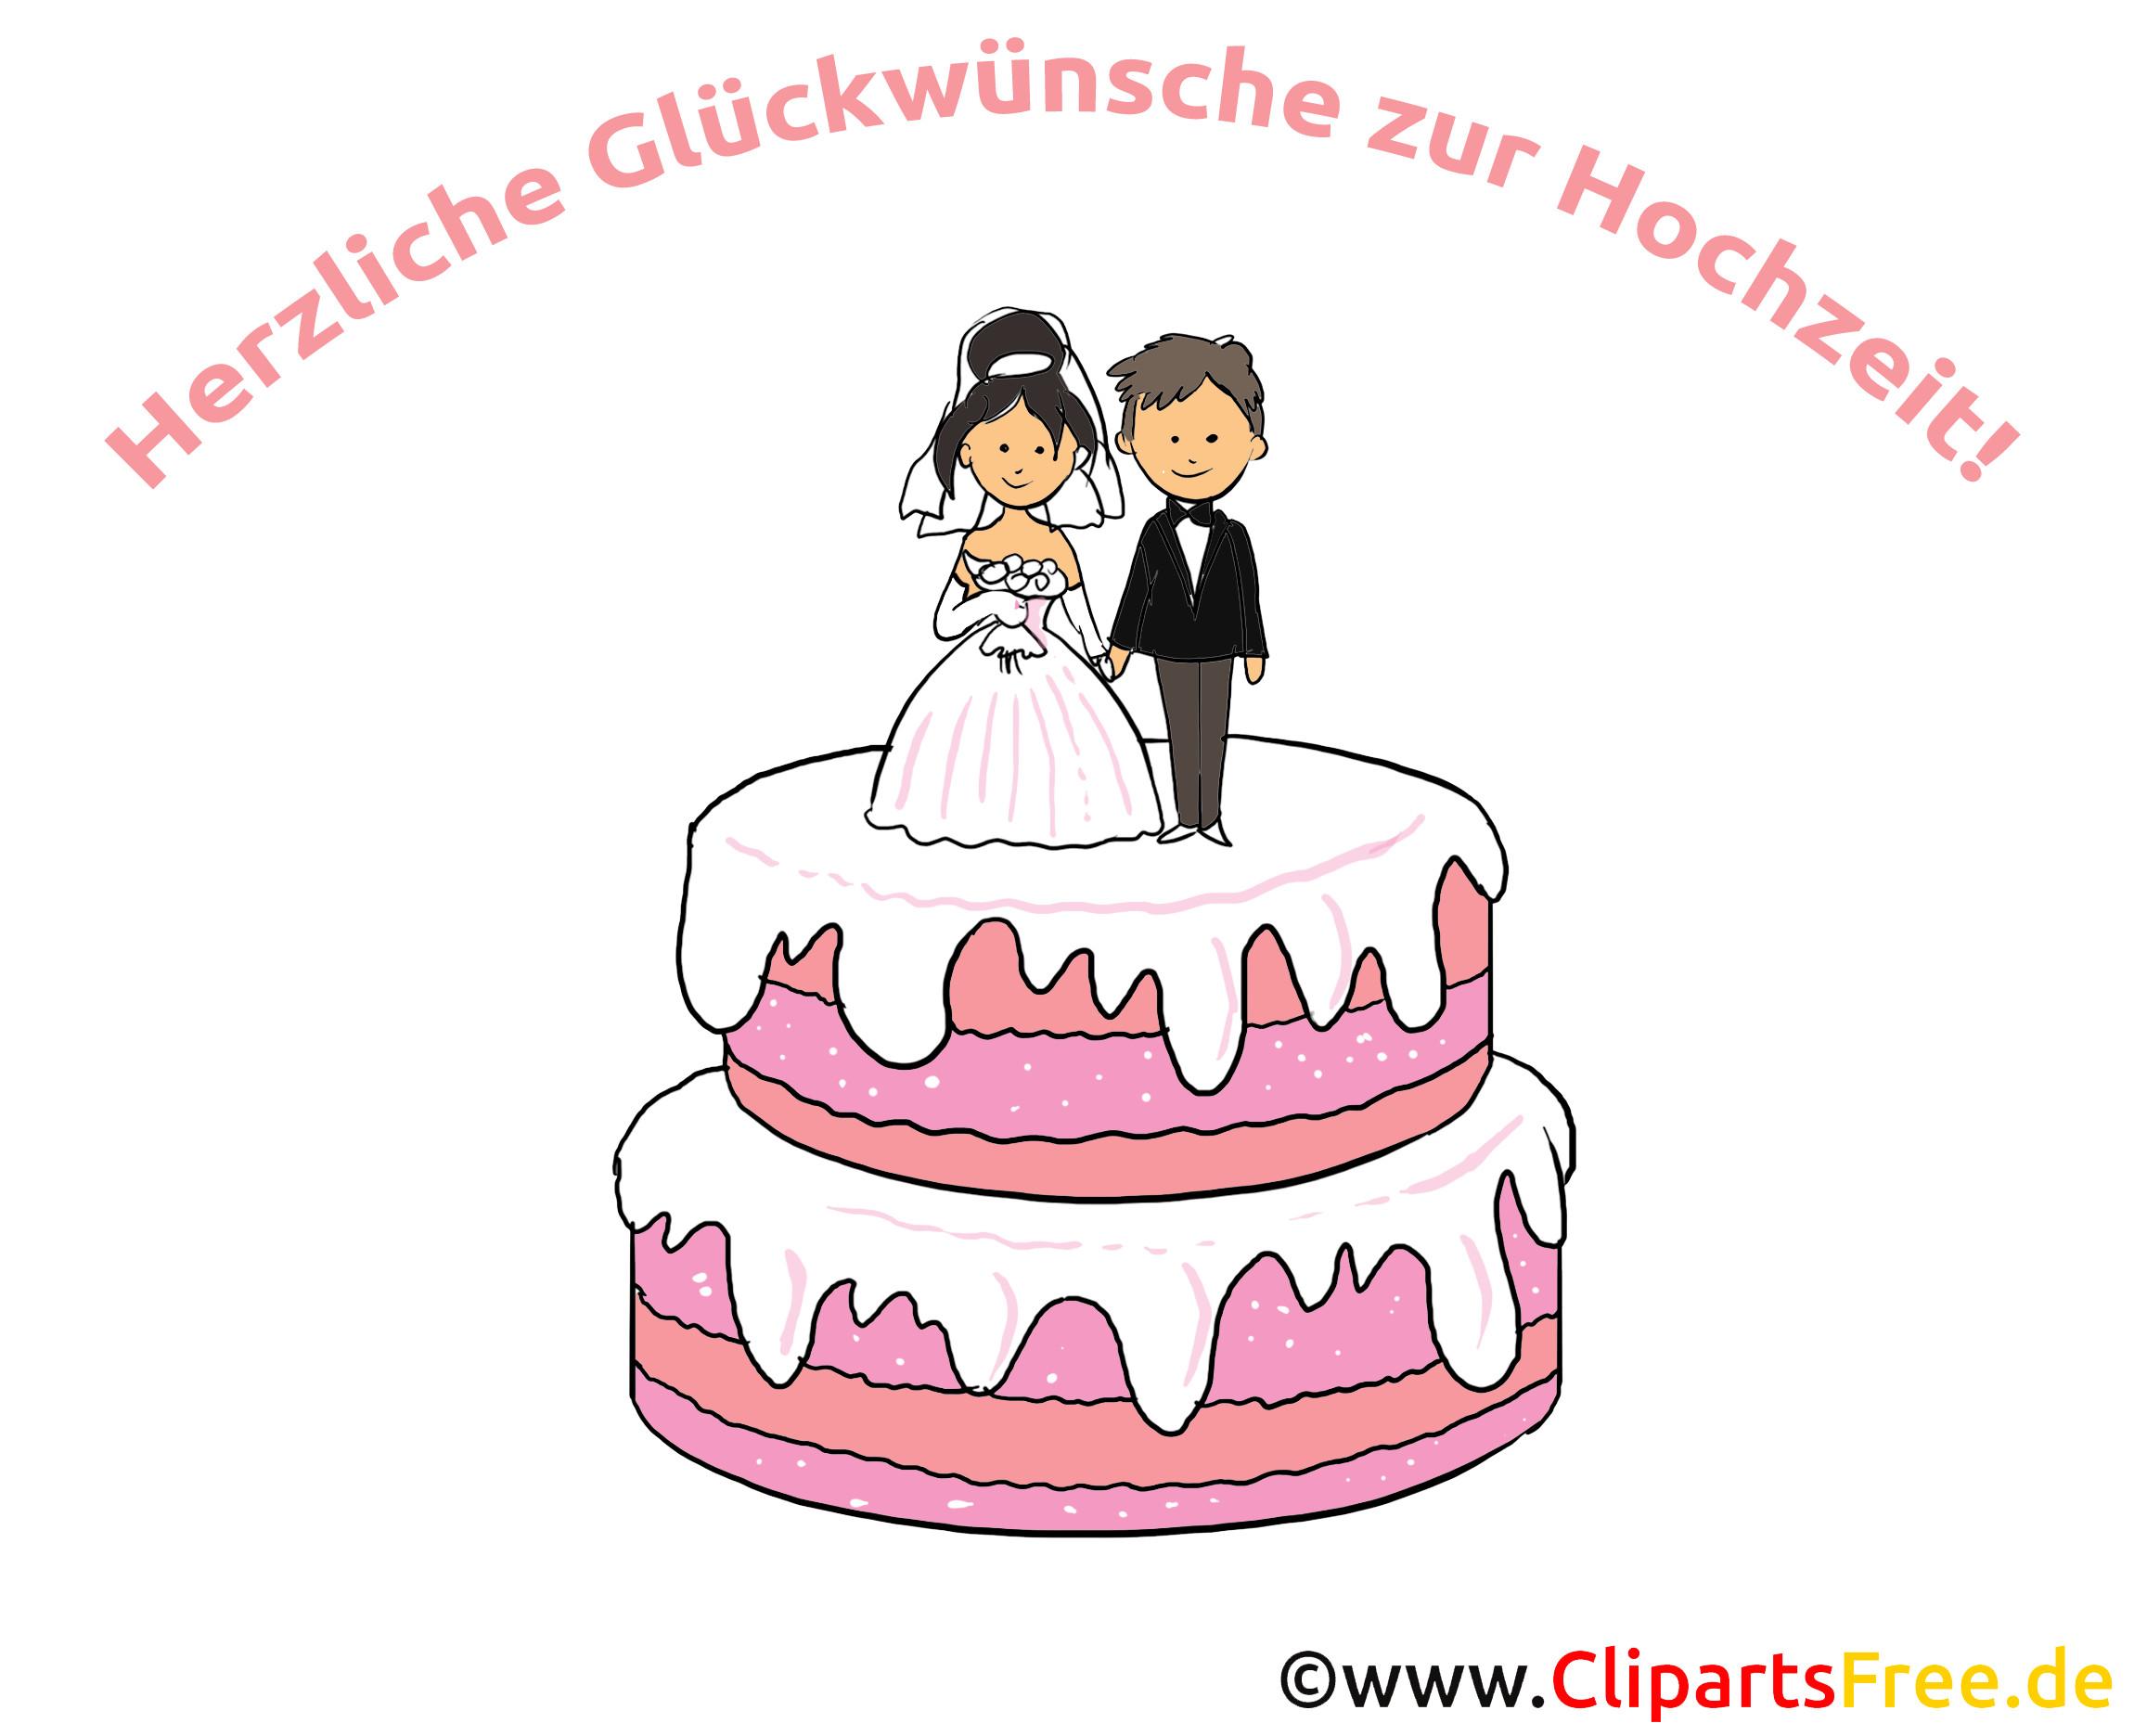 Hochzeit Sprüche  Glückwünsche zur Hochzeit Sprüche